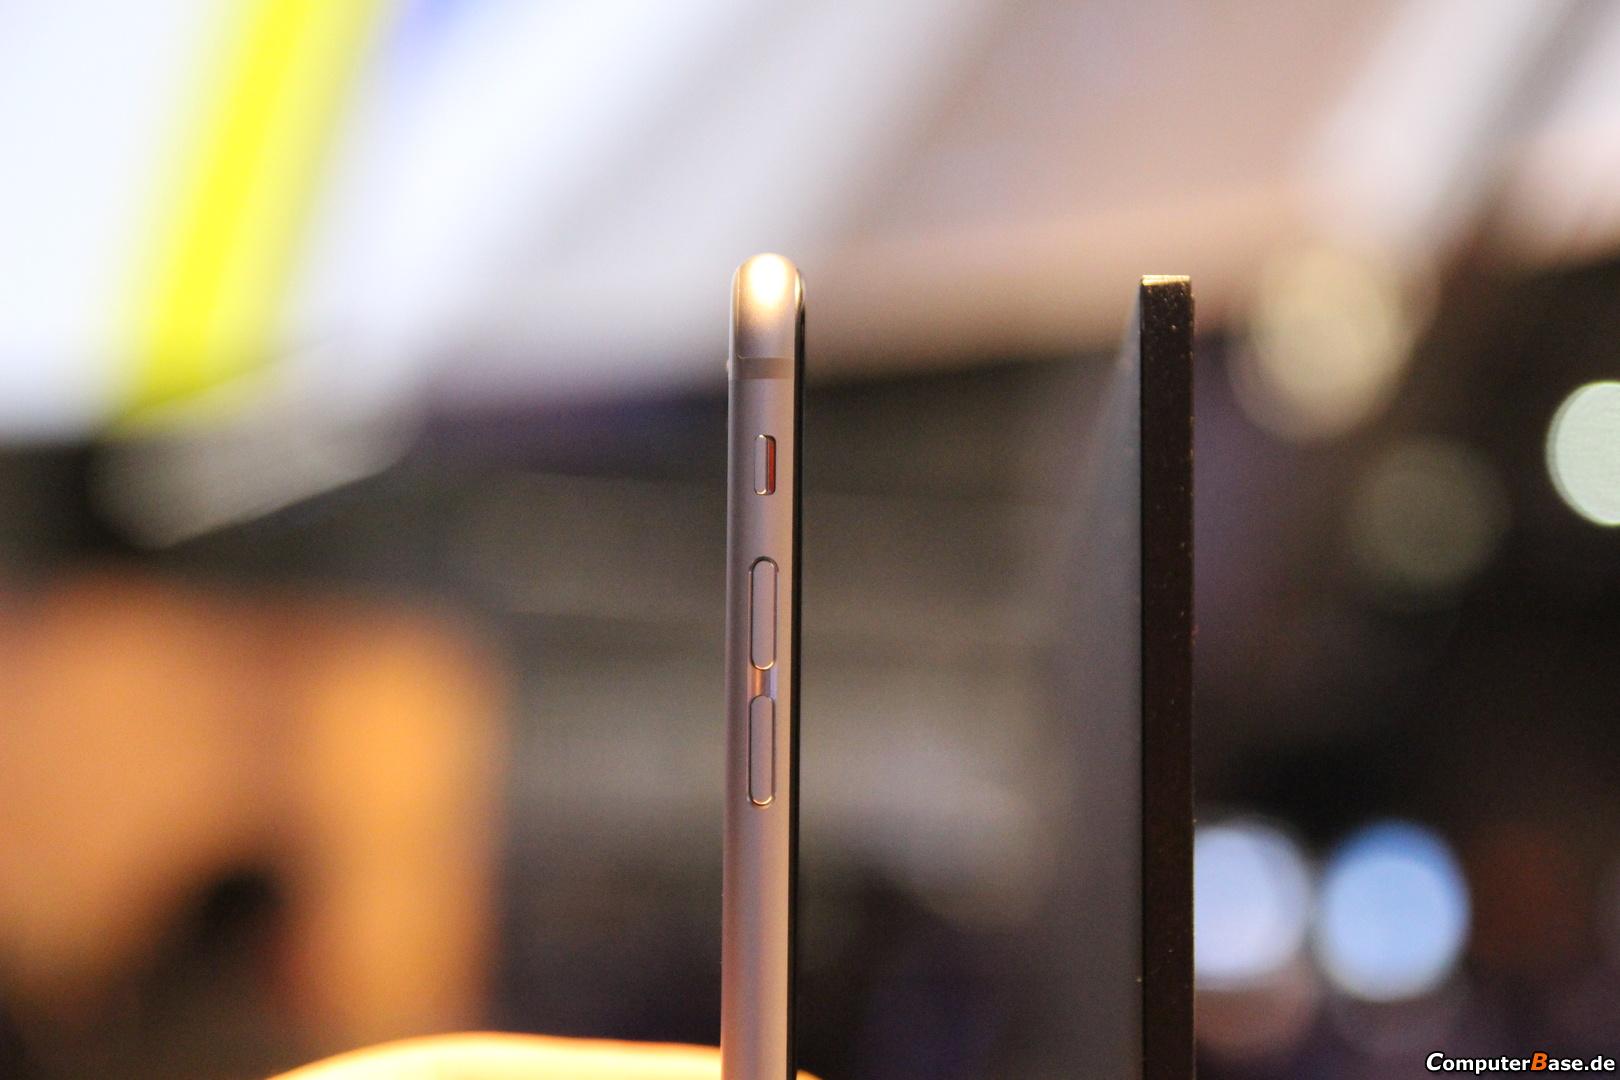 iPhone 6 i Sony BRAVIA z serii X90C. Fot. computerbase.de